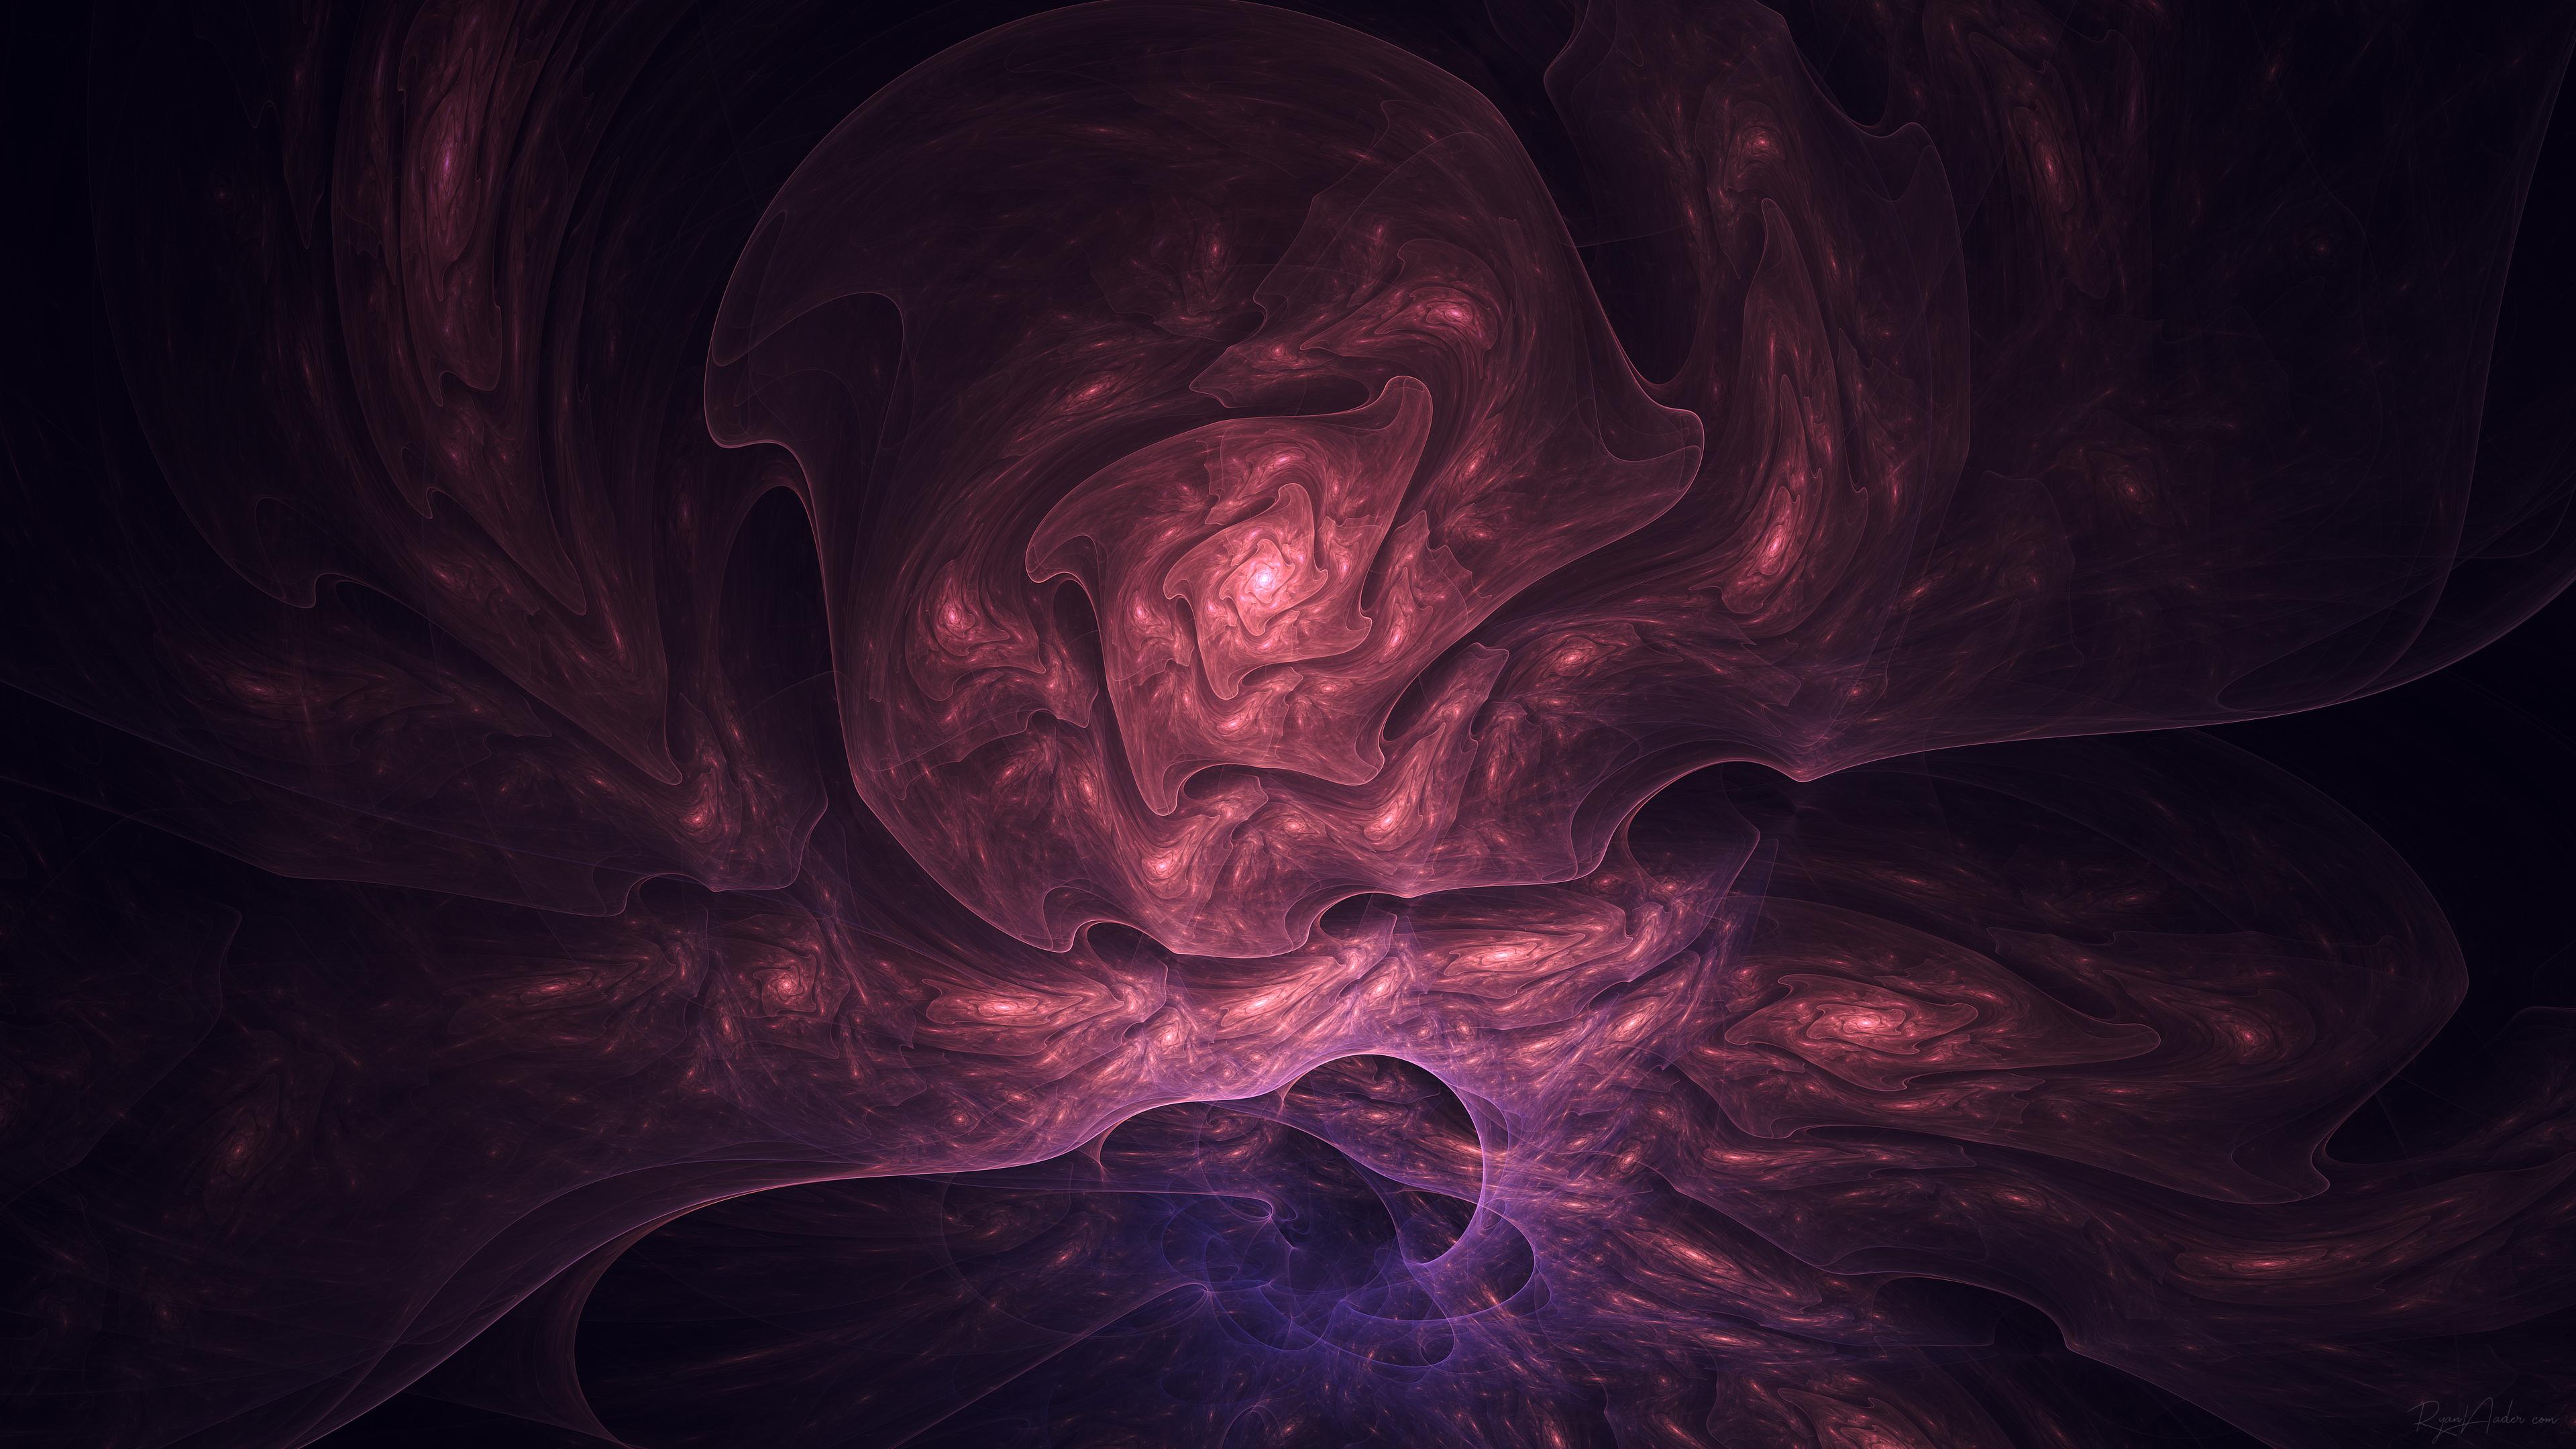 4K fractal wallpaper set